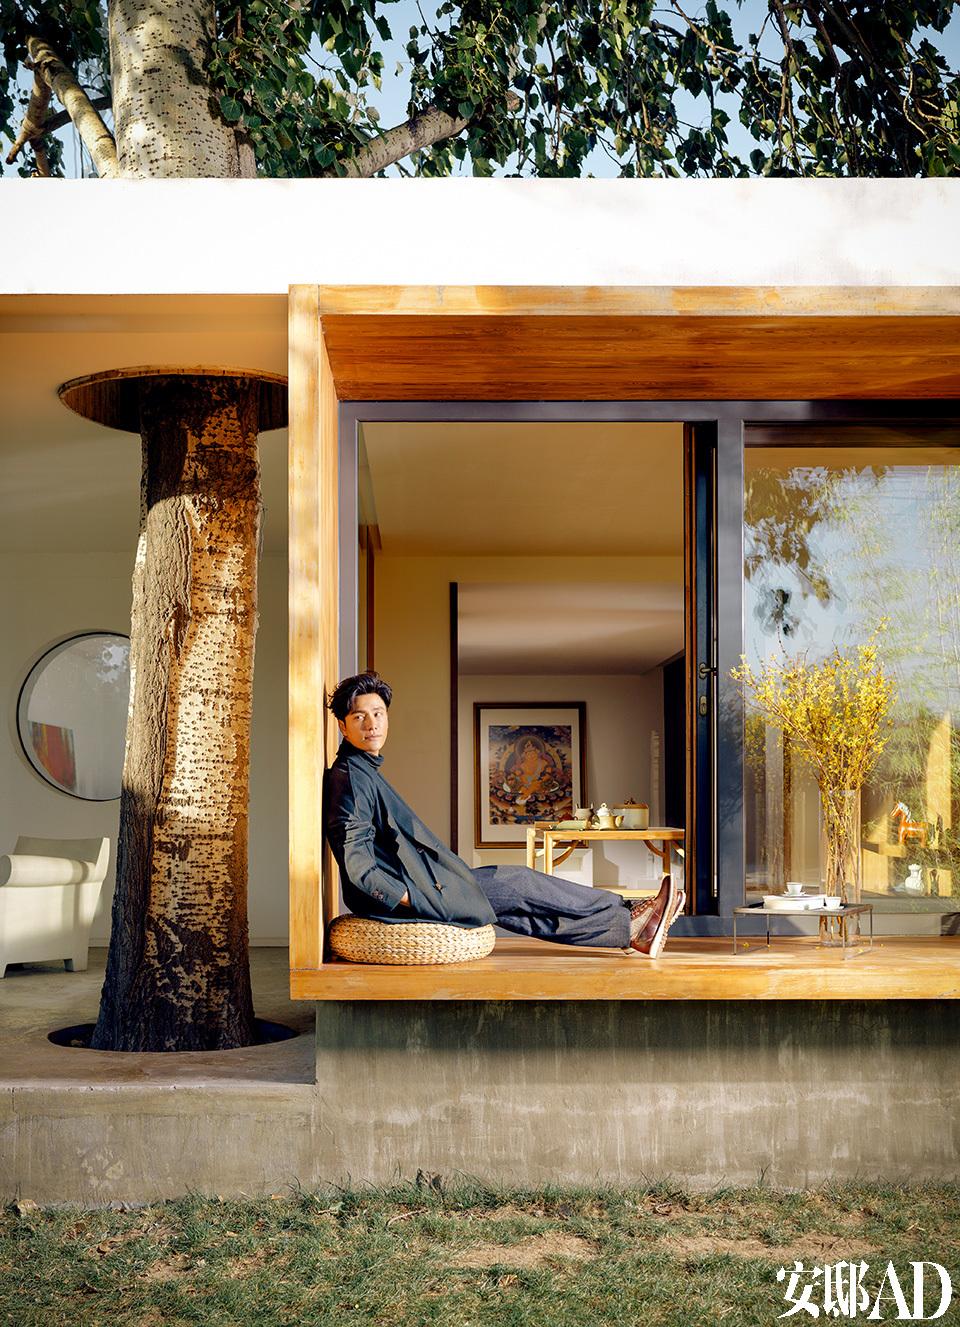 陈坤说,30岁以后,他的好奇心与日俱增。而空间设计正是帮助他敞开内心、接纳万千世界的工具之一。成立设计公司,从自己的工作室做起,他坚信这个年轻有活力的团队,一定会让世界看见梦想的力量!在整个工作室里,陈坤最爱在这处开放式茶室中烹茶静思。阳光透过玻璃落地门洒进室内,十分惬意。暖和的天气里,直接到户外小坐,也是再舒服不过的事了。